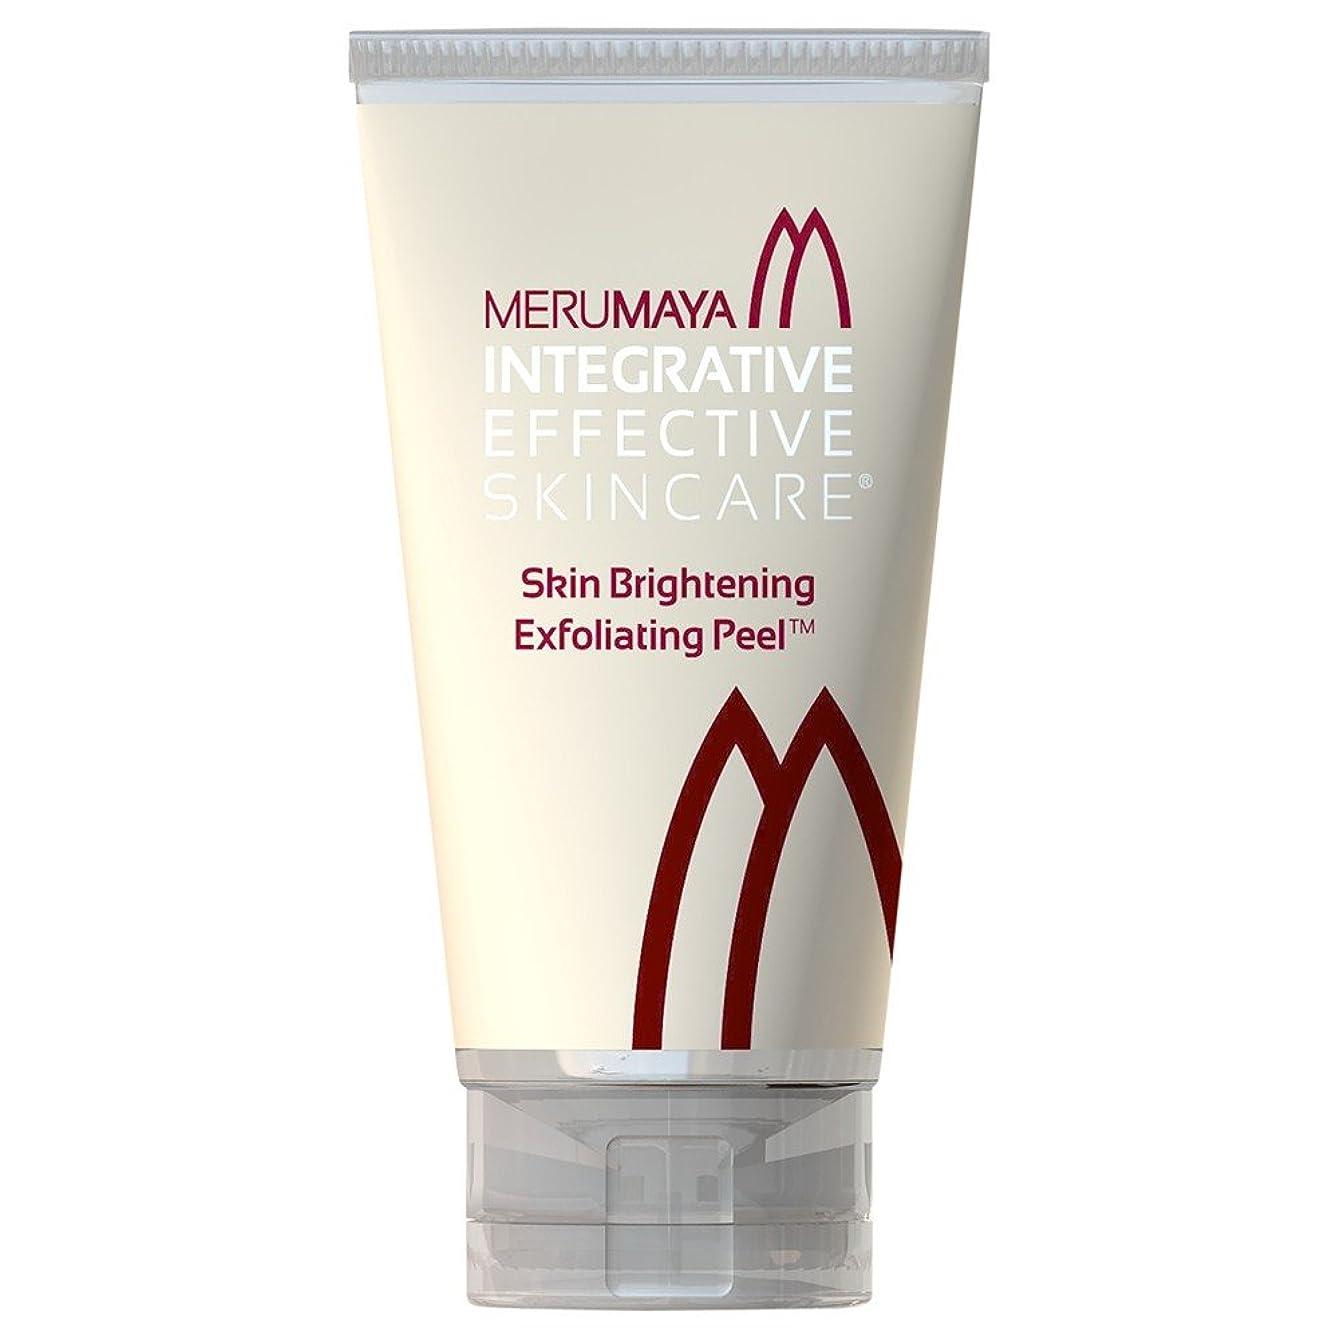 チーズメトロポリタン立証するMerumayaスキンブライトニングピーリング剥離?の50ミリリットル (Merumaya) - MERUMAYA Skin Brightening Exfoliating Peel? 50ml [並行輸入品]